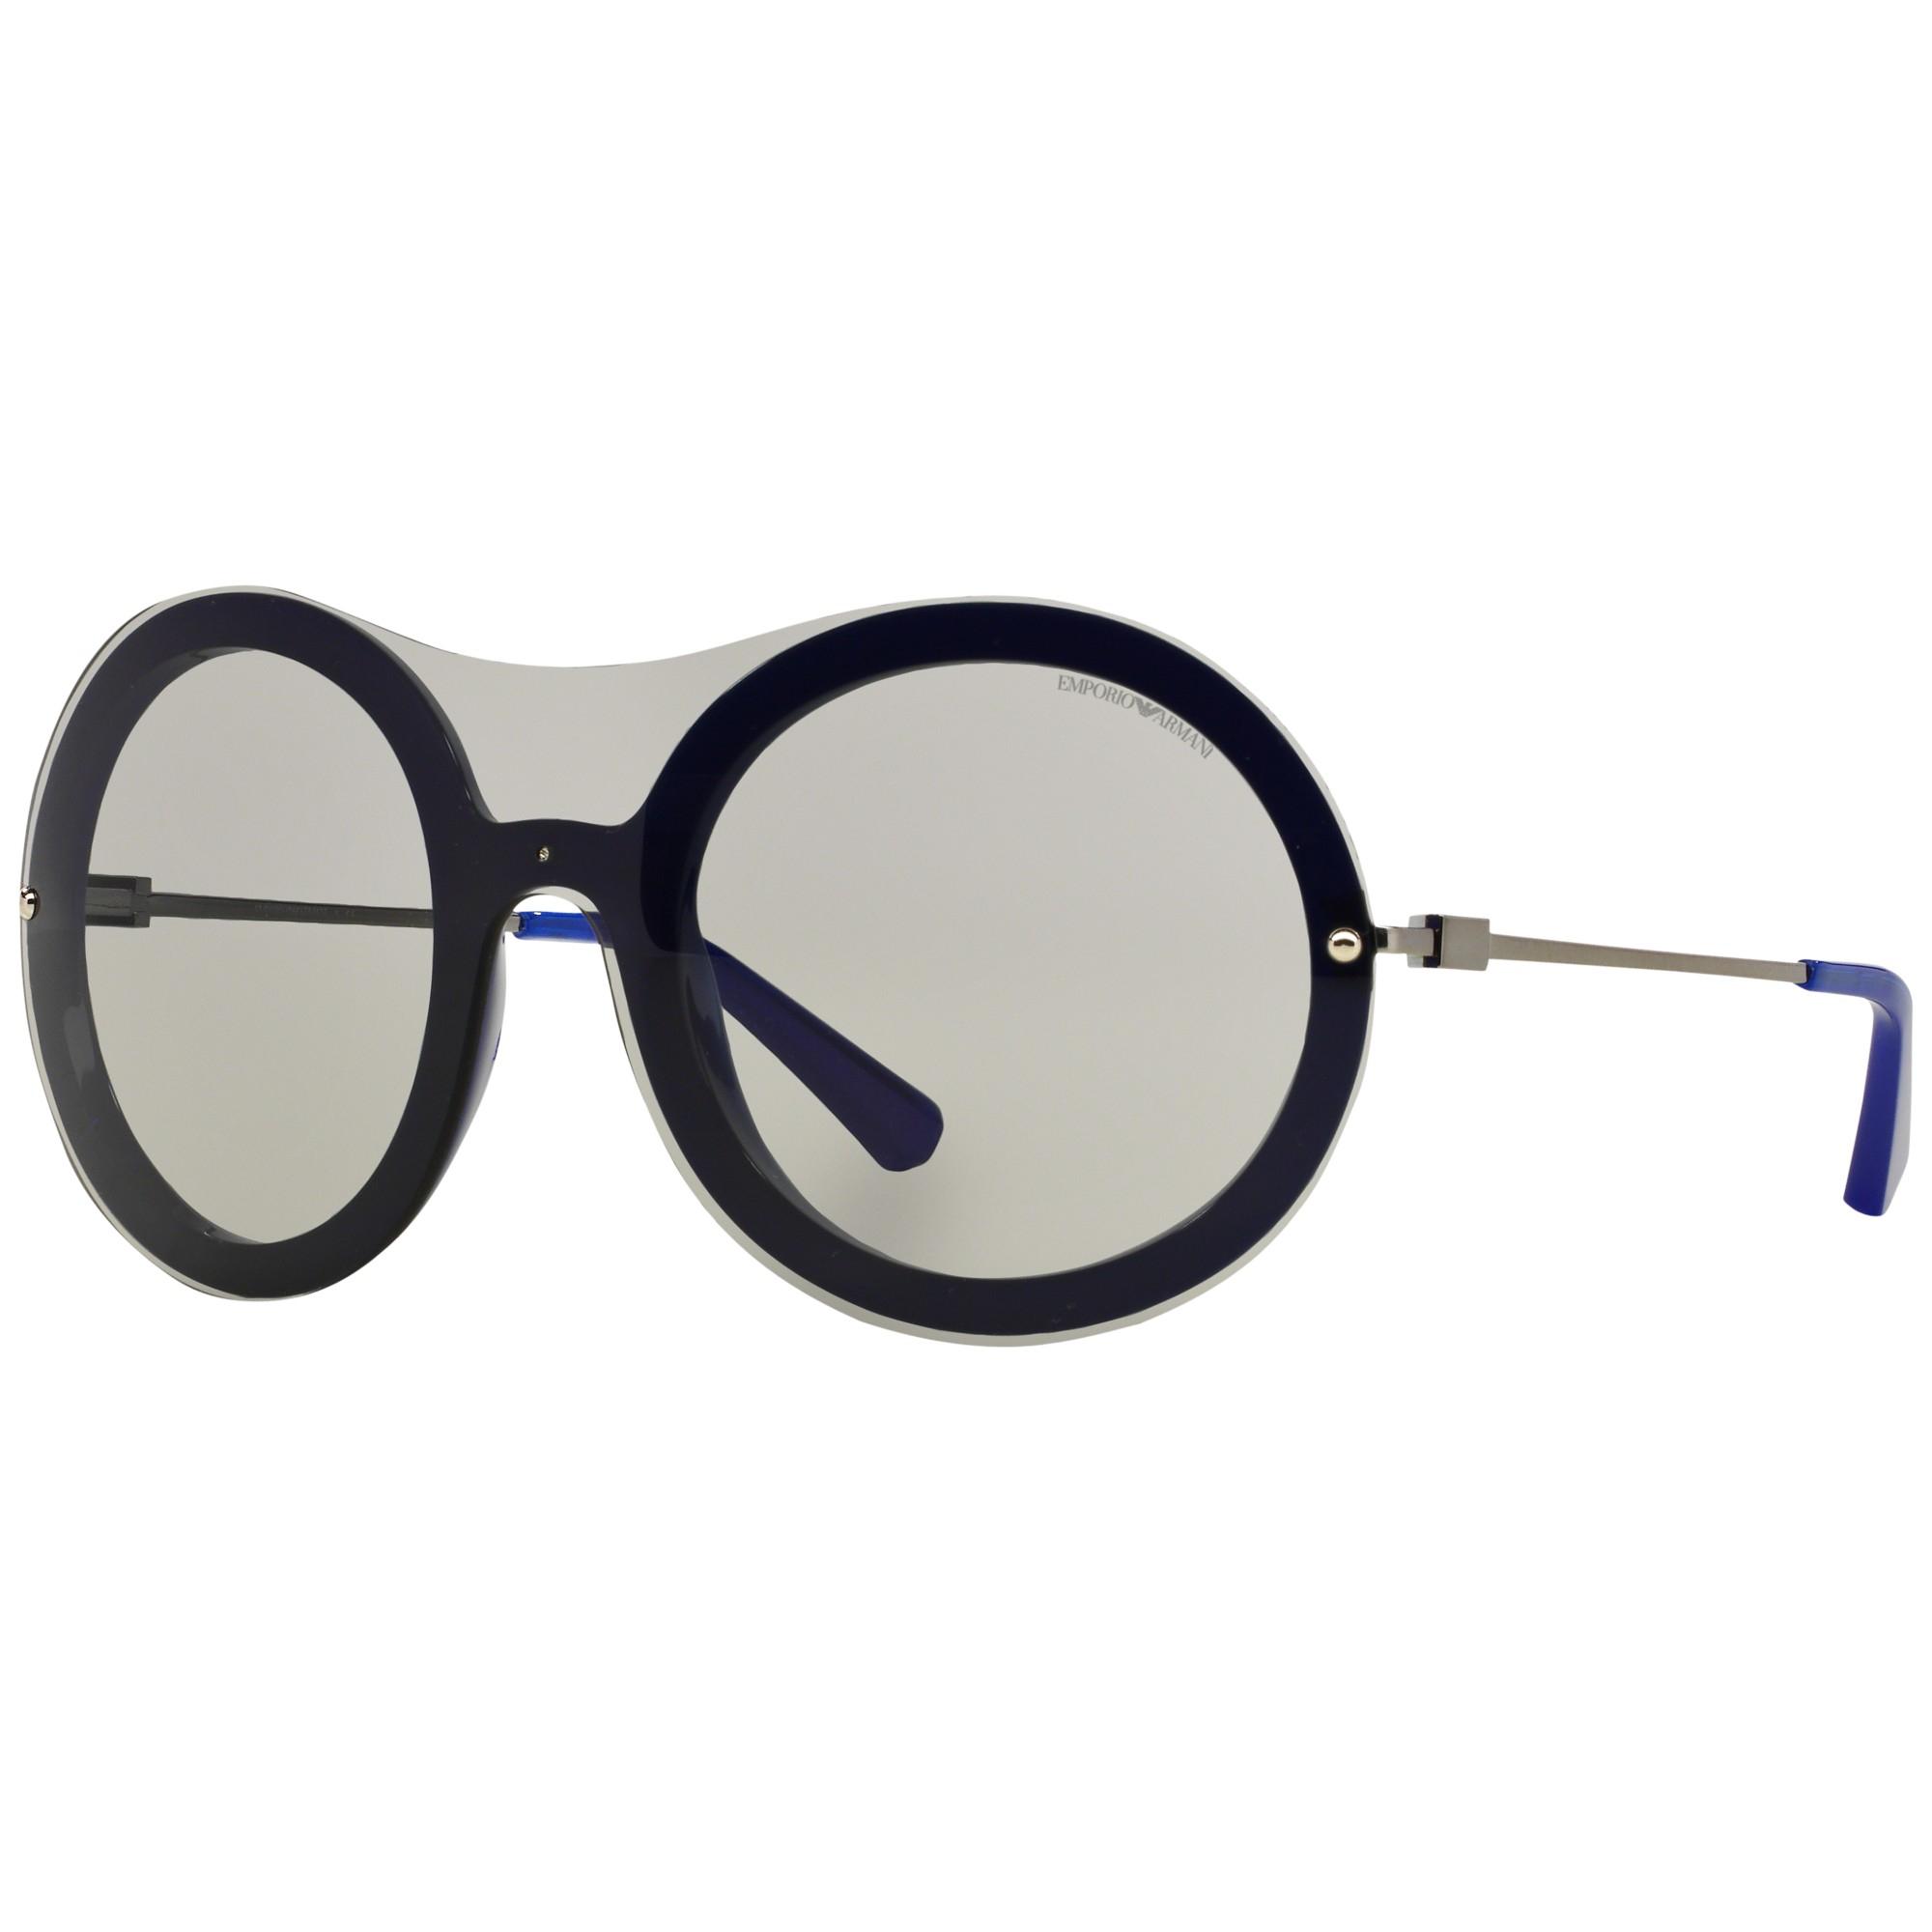 61b6ecf421 Emporio Armani Ea4055 Round Framed Sunglasses in Gray - Lyst